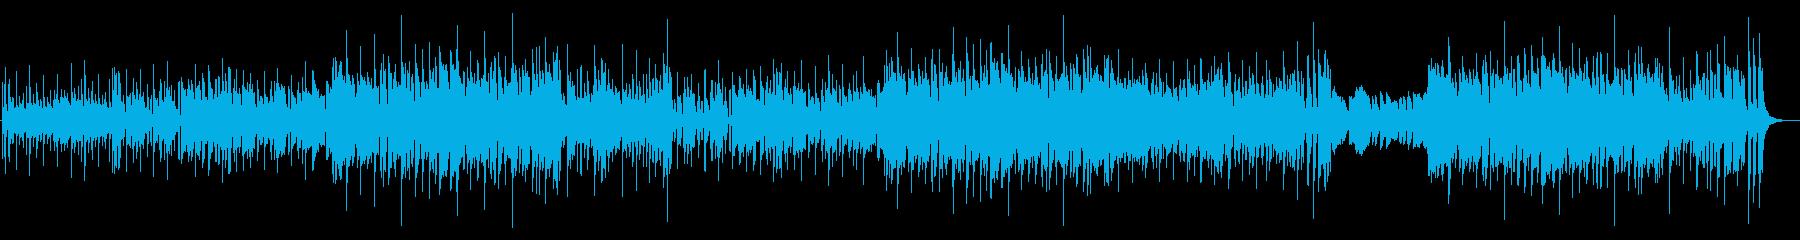 夏らしく楽しい雰囲気のトランペット曲の再生済みの波形